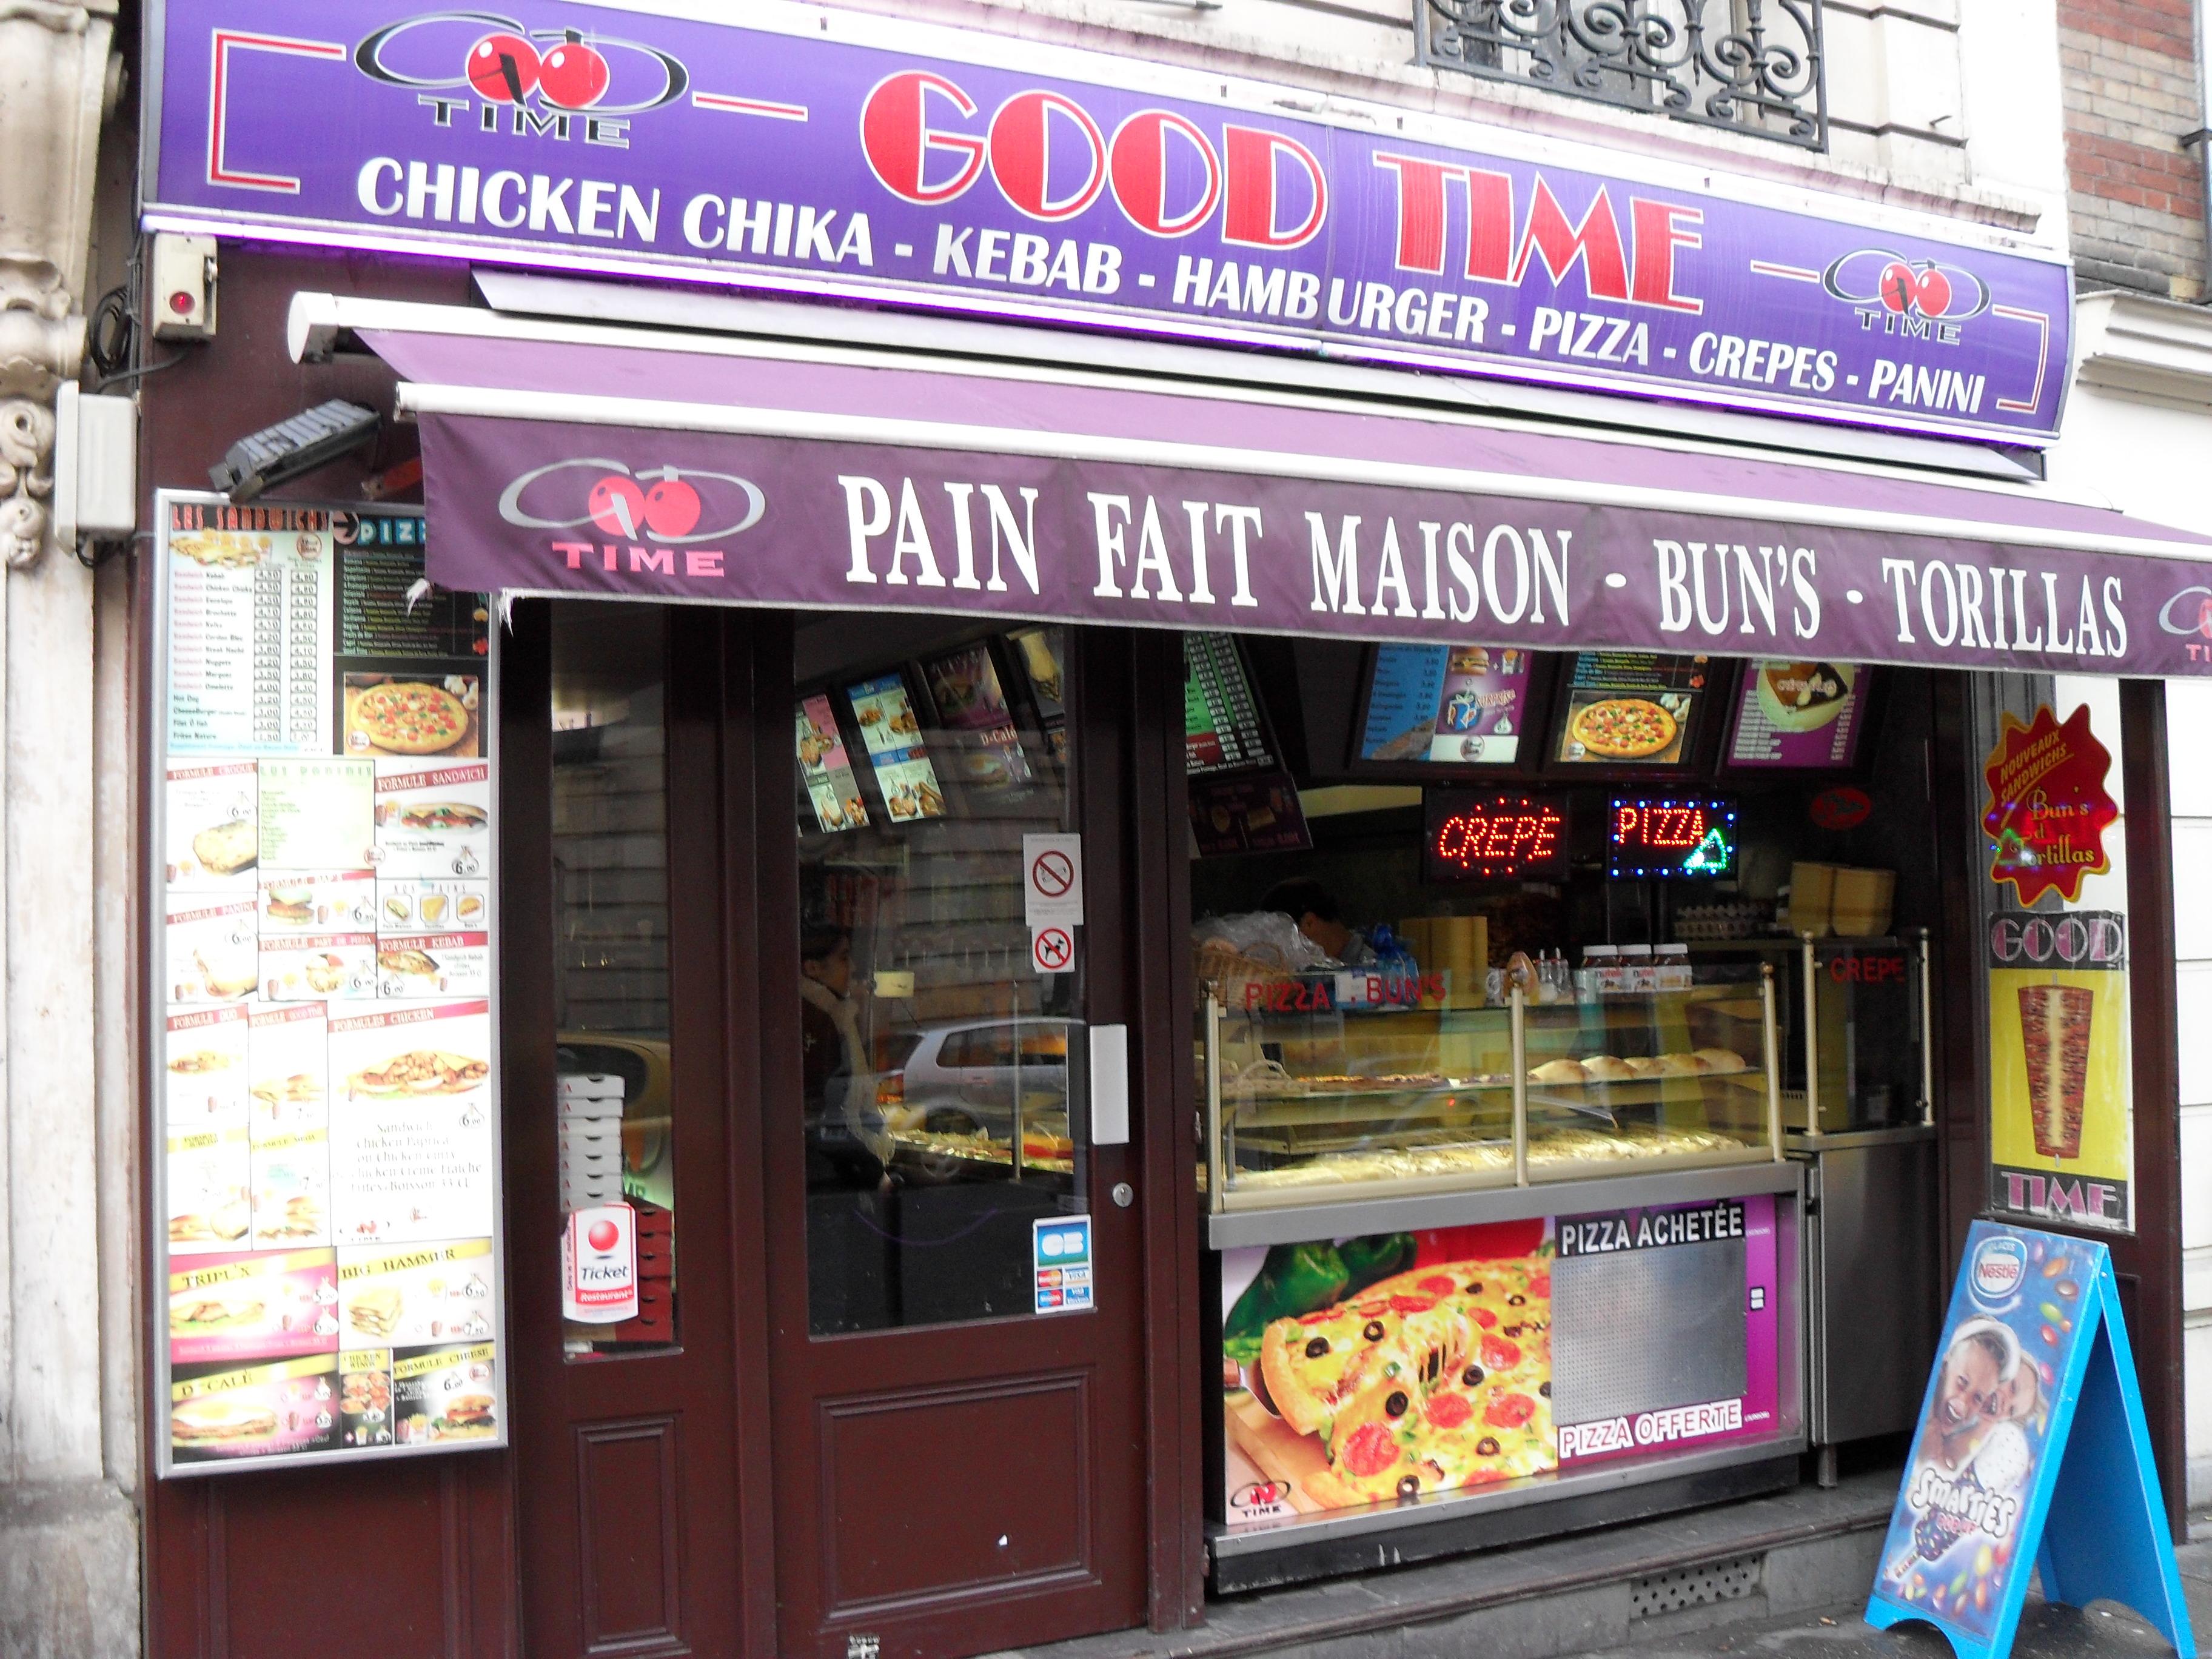 Good Time - Paris 13